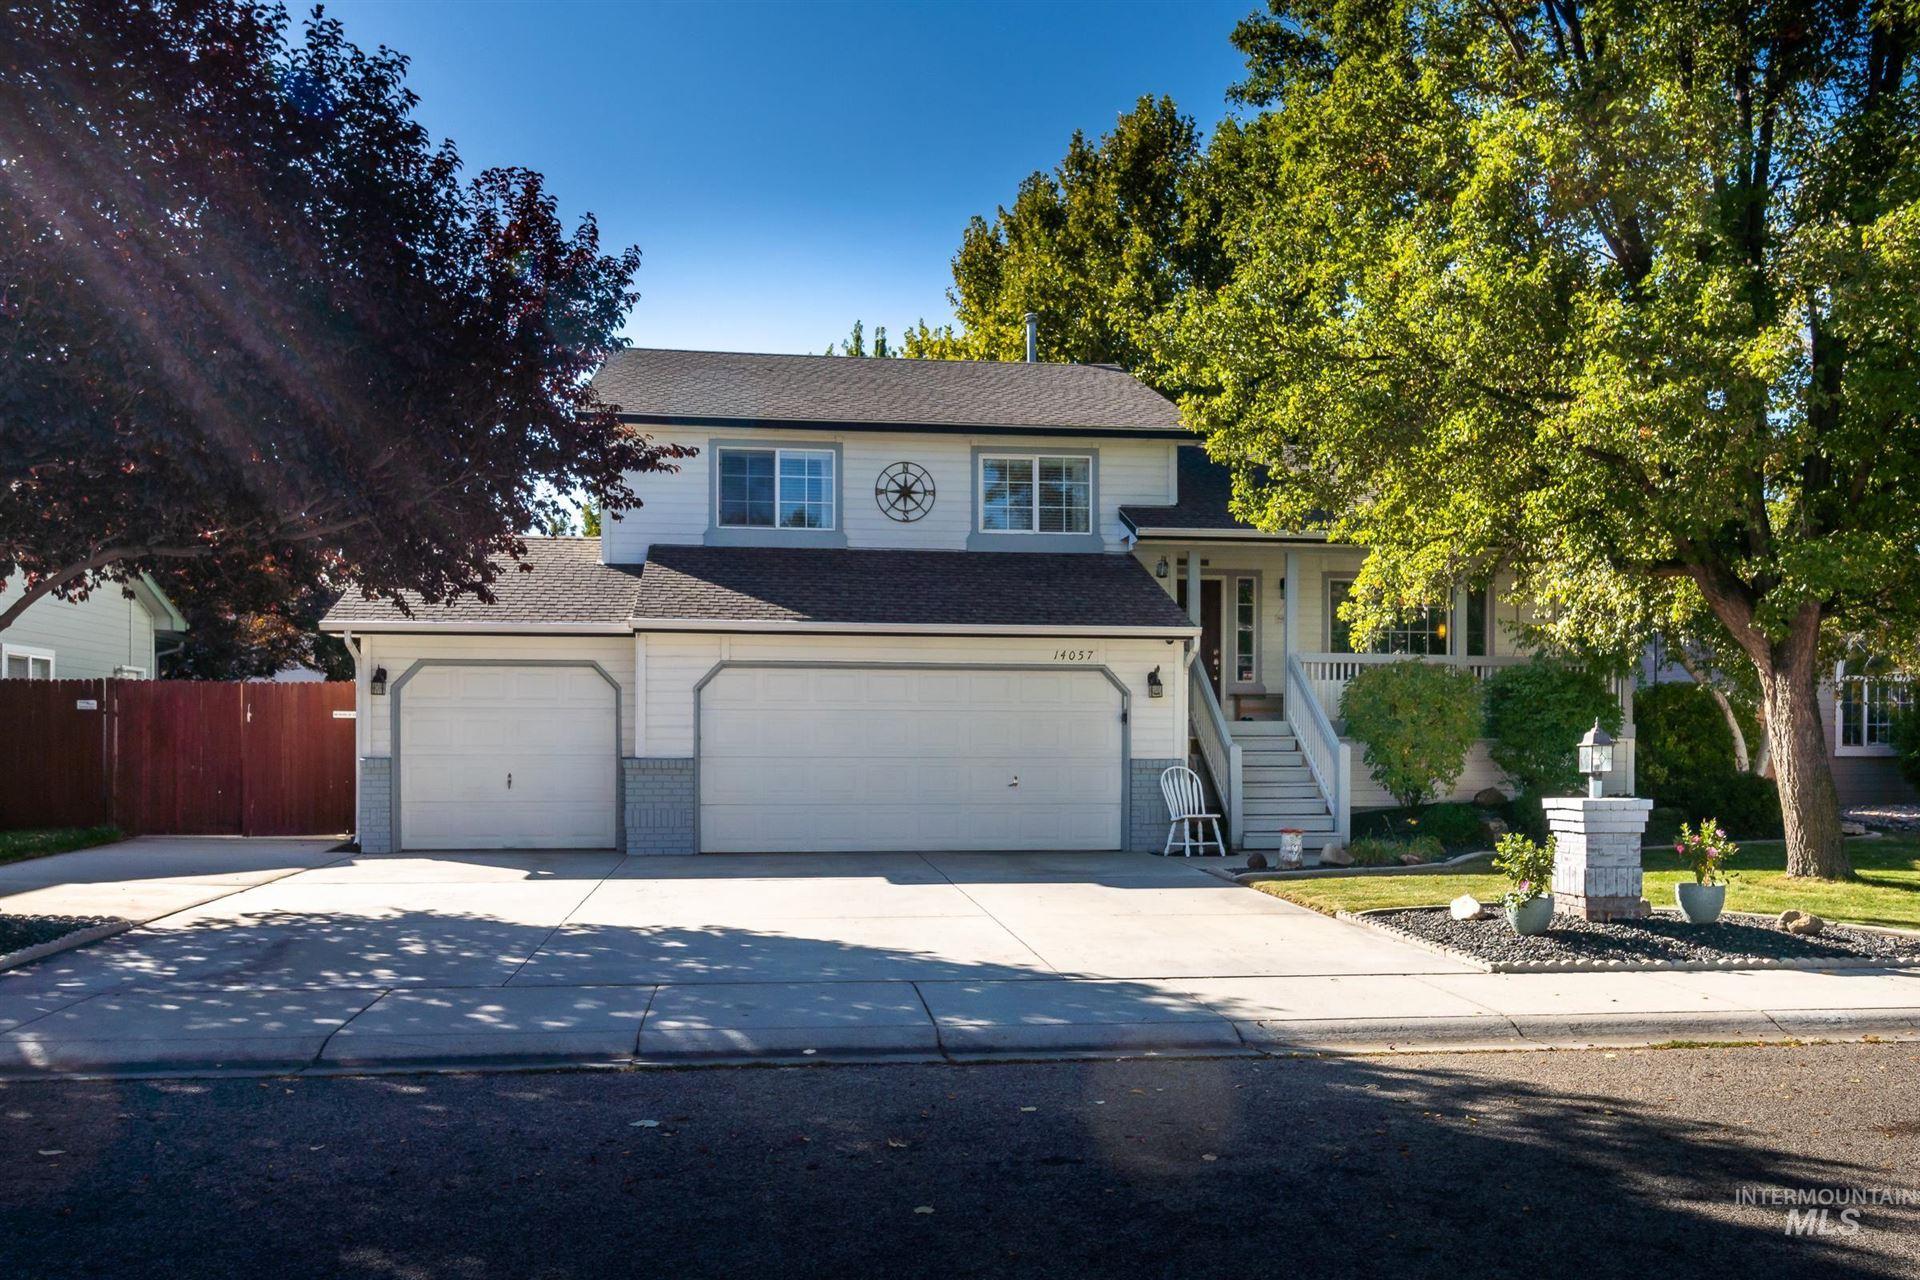 14057 W Bunkerhill St., Boise, ID 83713 - MLS#: 98822141